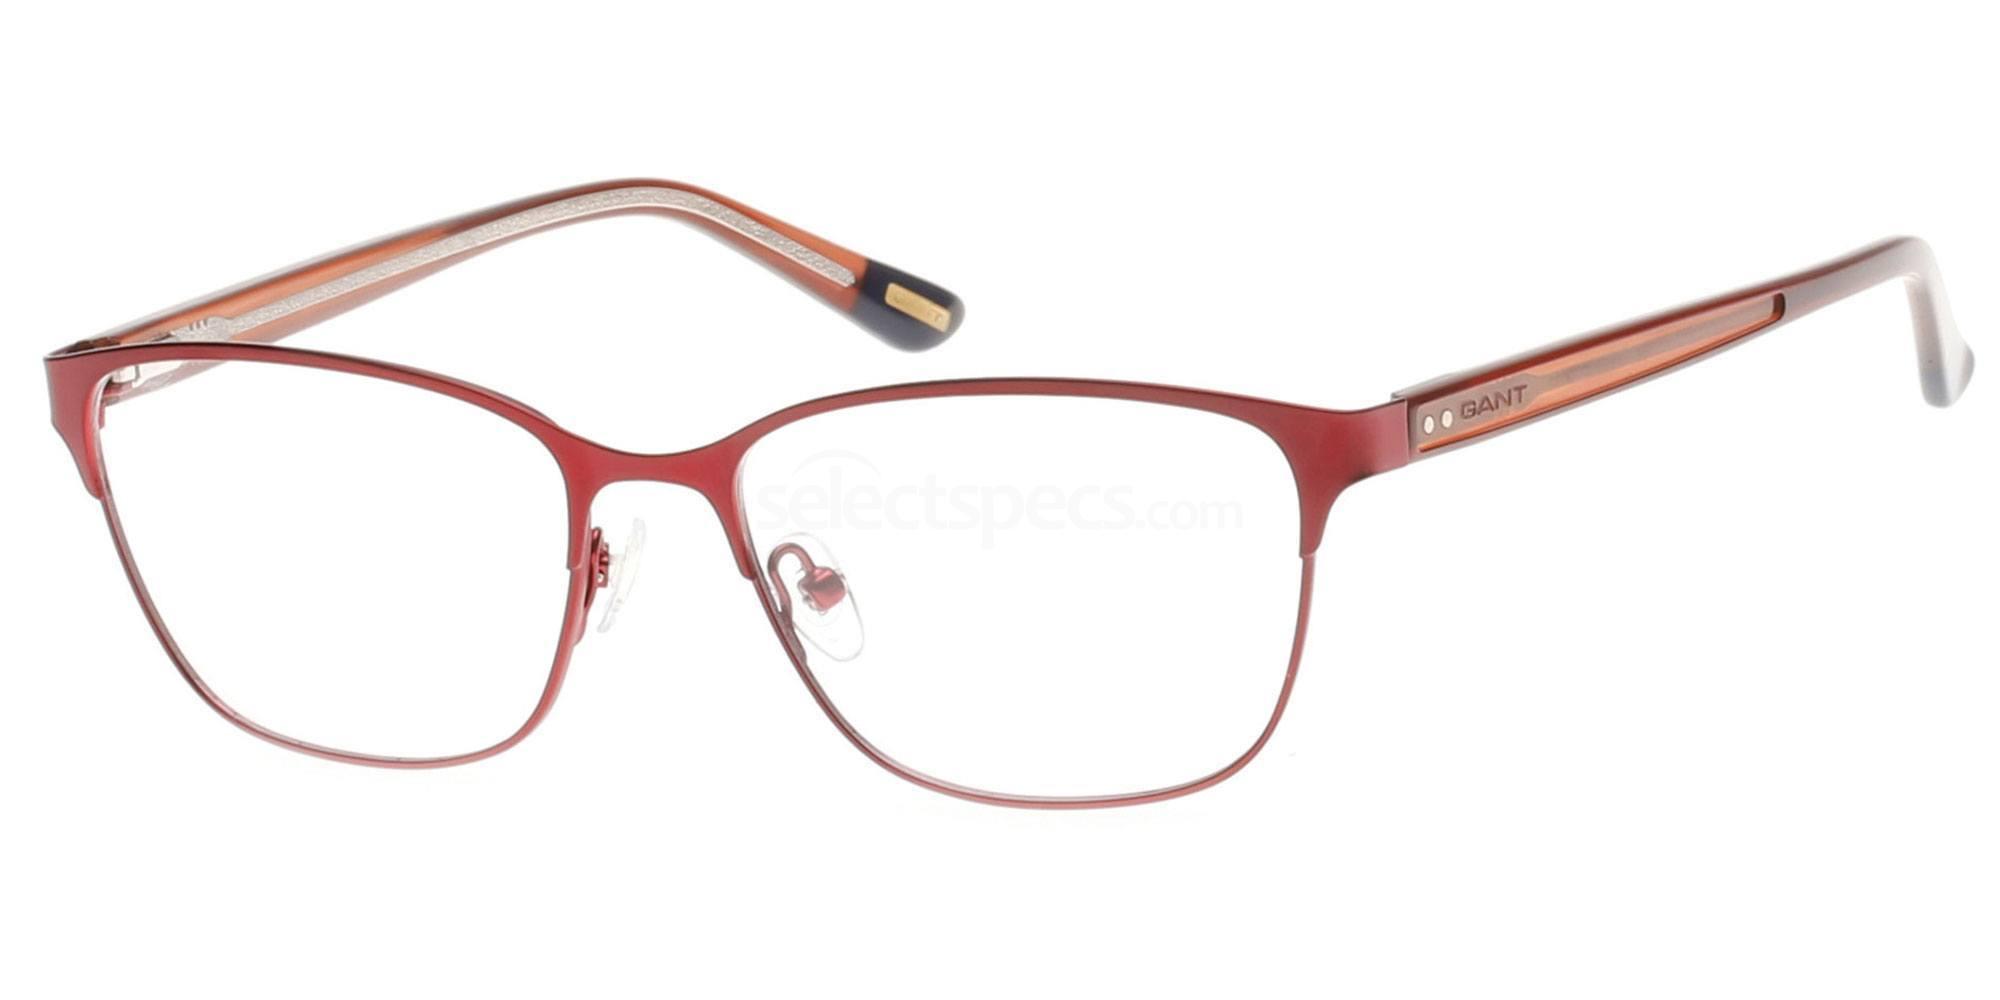 070 GA4038 Glasses, Gant